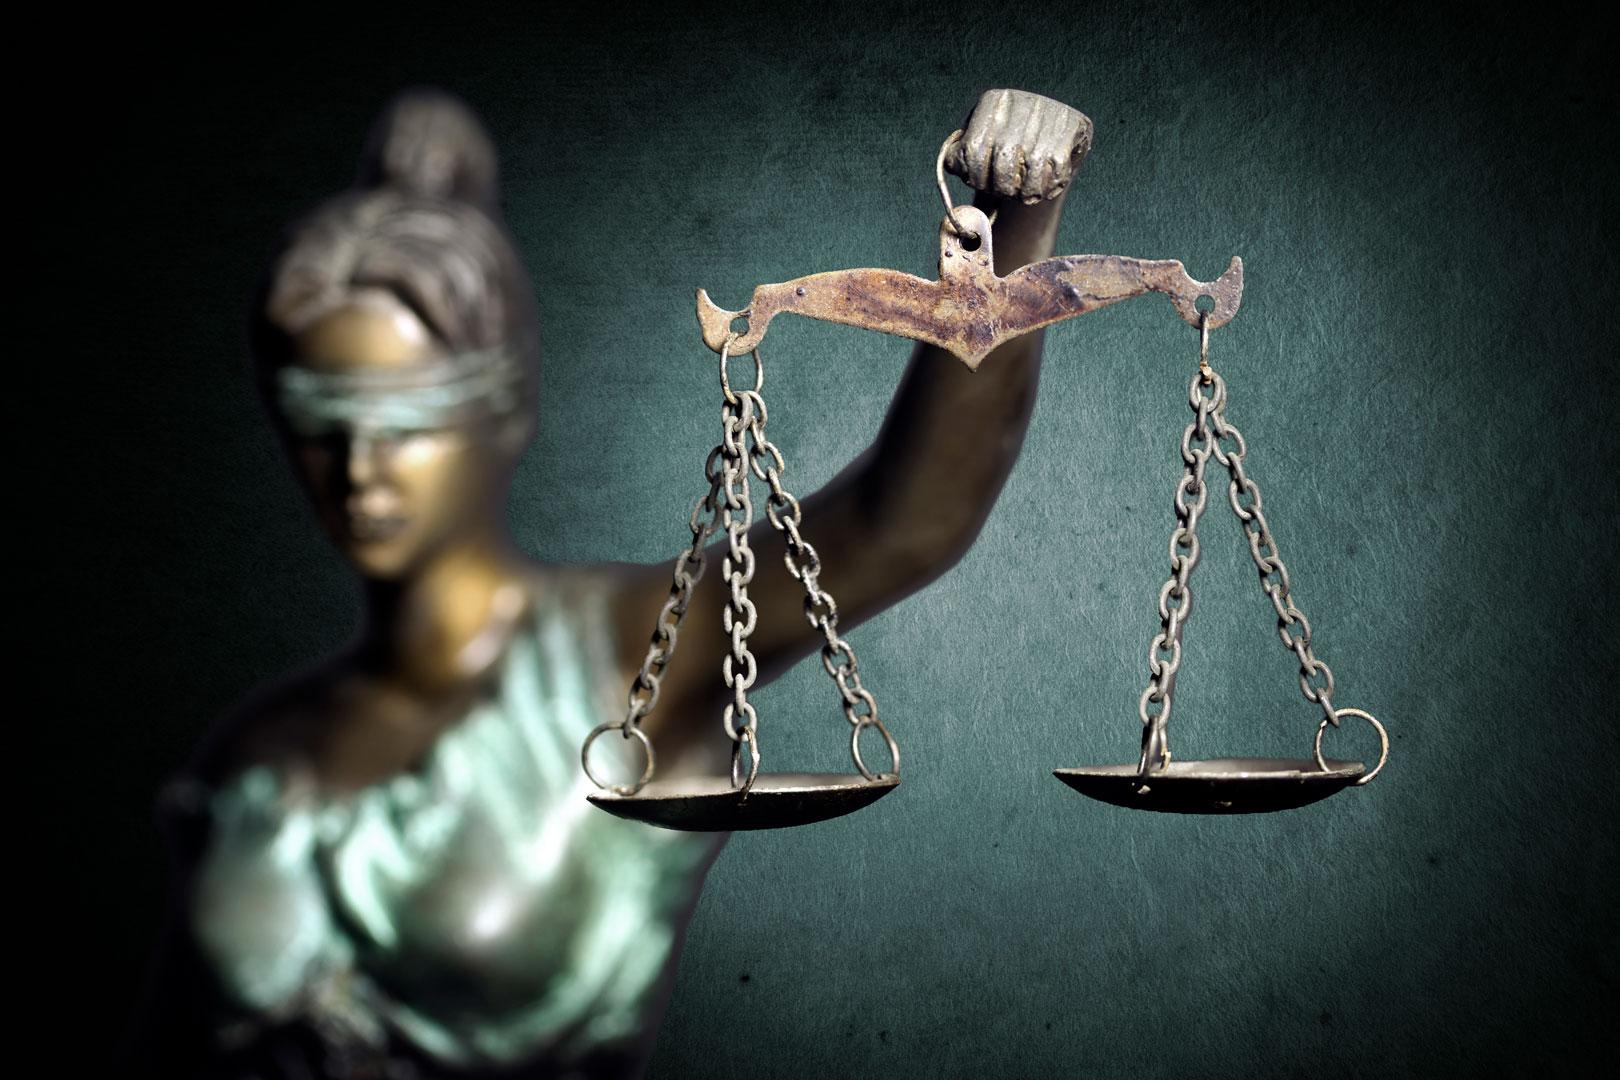 Justiça determina realização de cirurgia em paciente que está na fila de espera há 7 anos